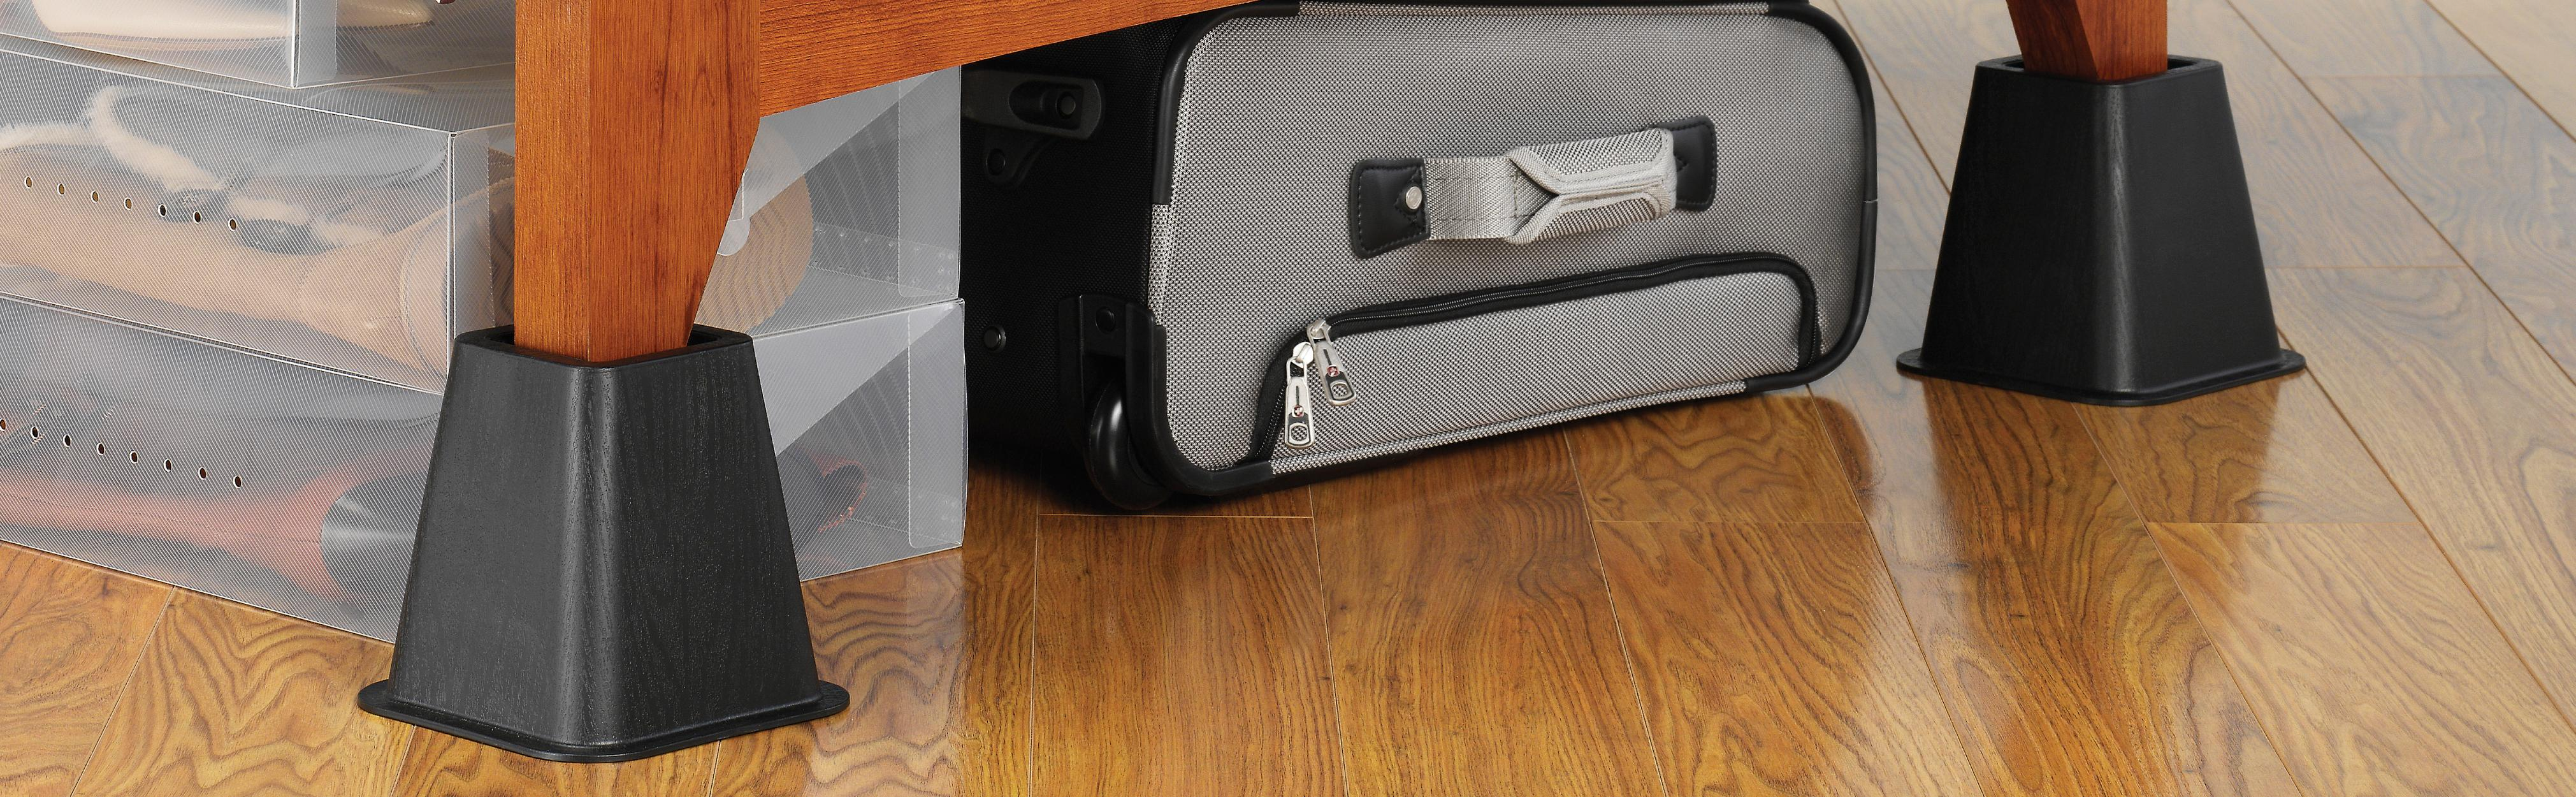 whitmor bed risers black set of 4 home kitchen. Black Bedroom Furniture Sets. Home Design Ideas